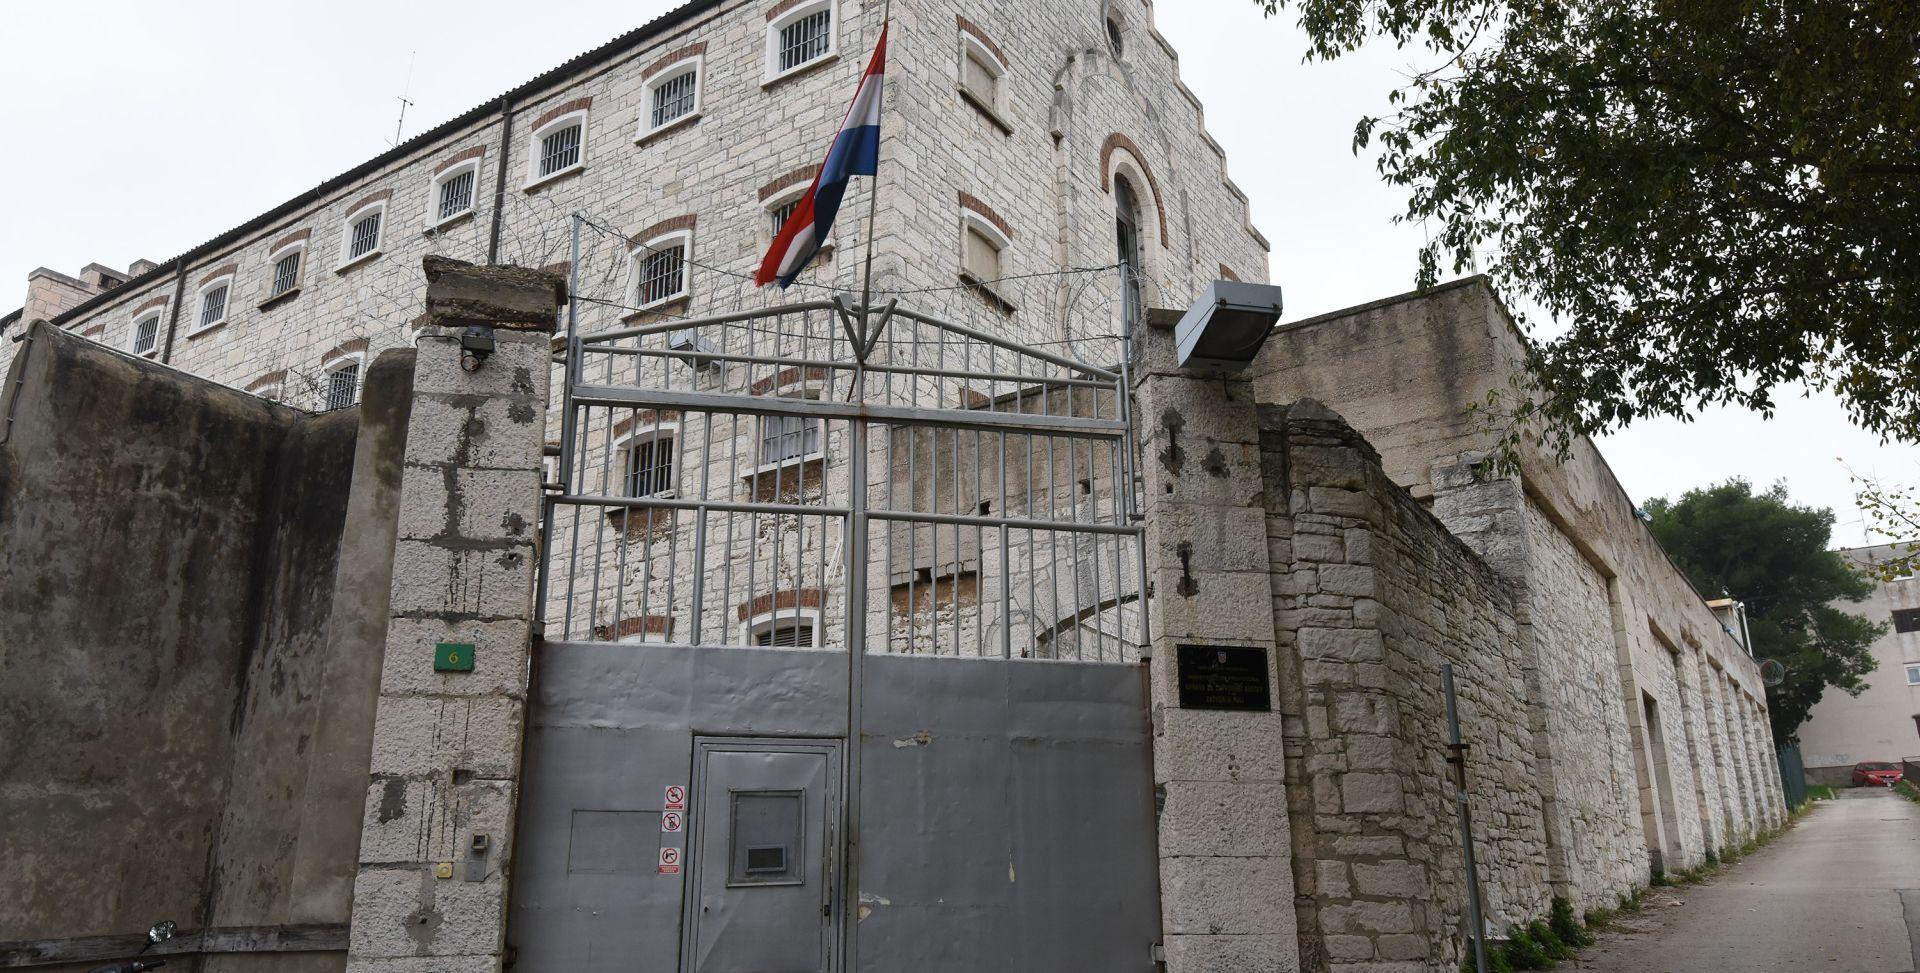 Izvješće: Stanje u zatvorima 'stabilnije nego ikad'